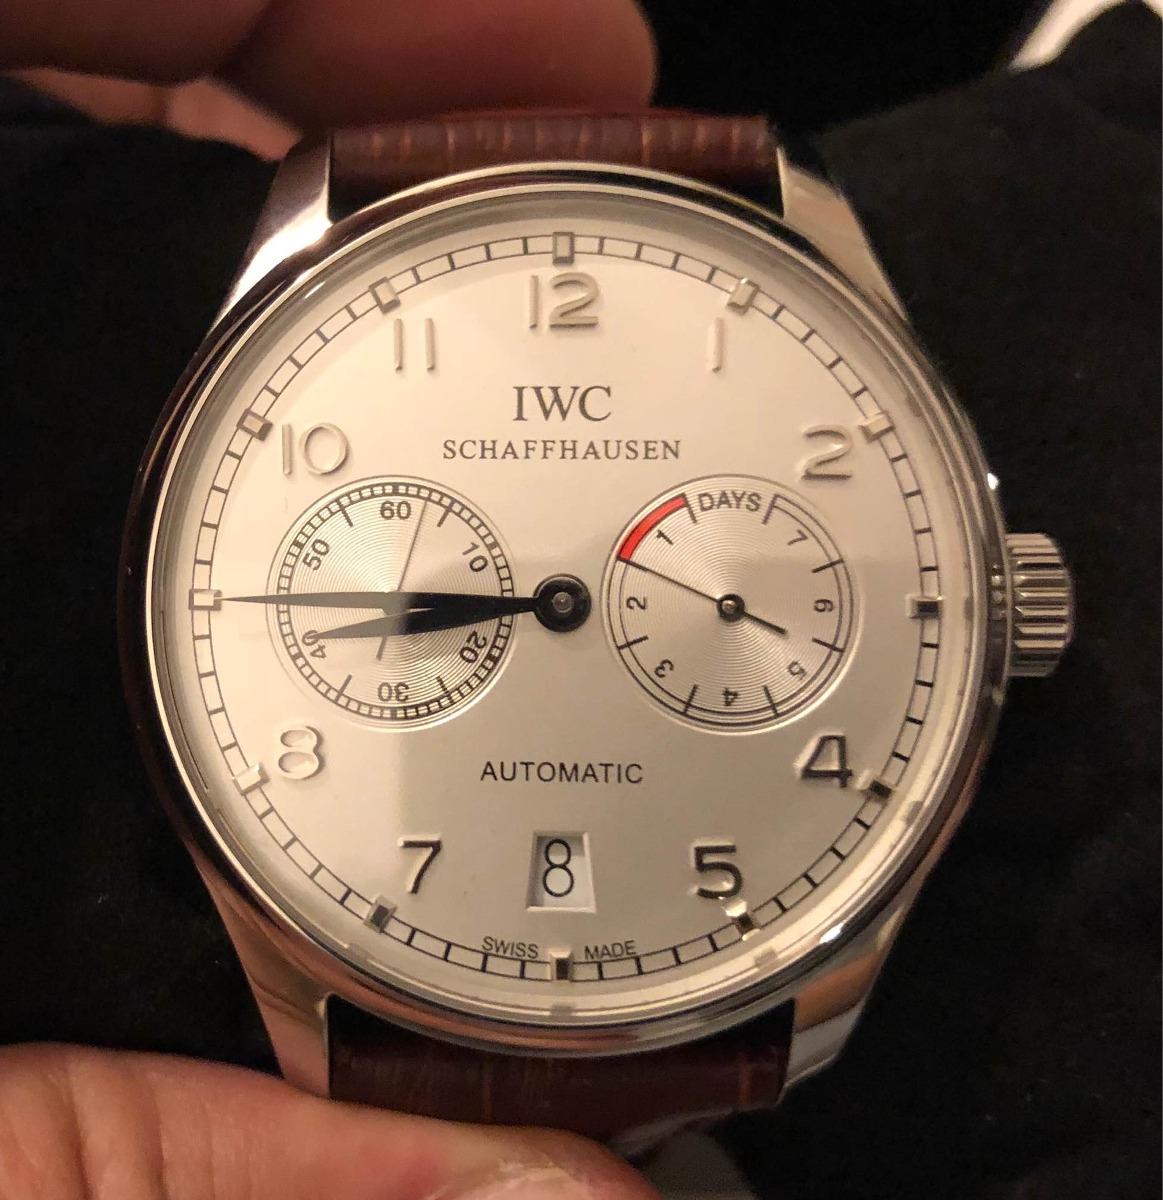 db575c5dd4d3 reloj iwc schaffhausen. Cargando zoom.